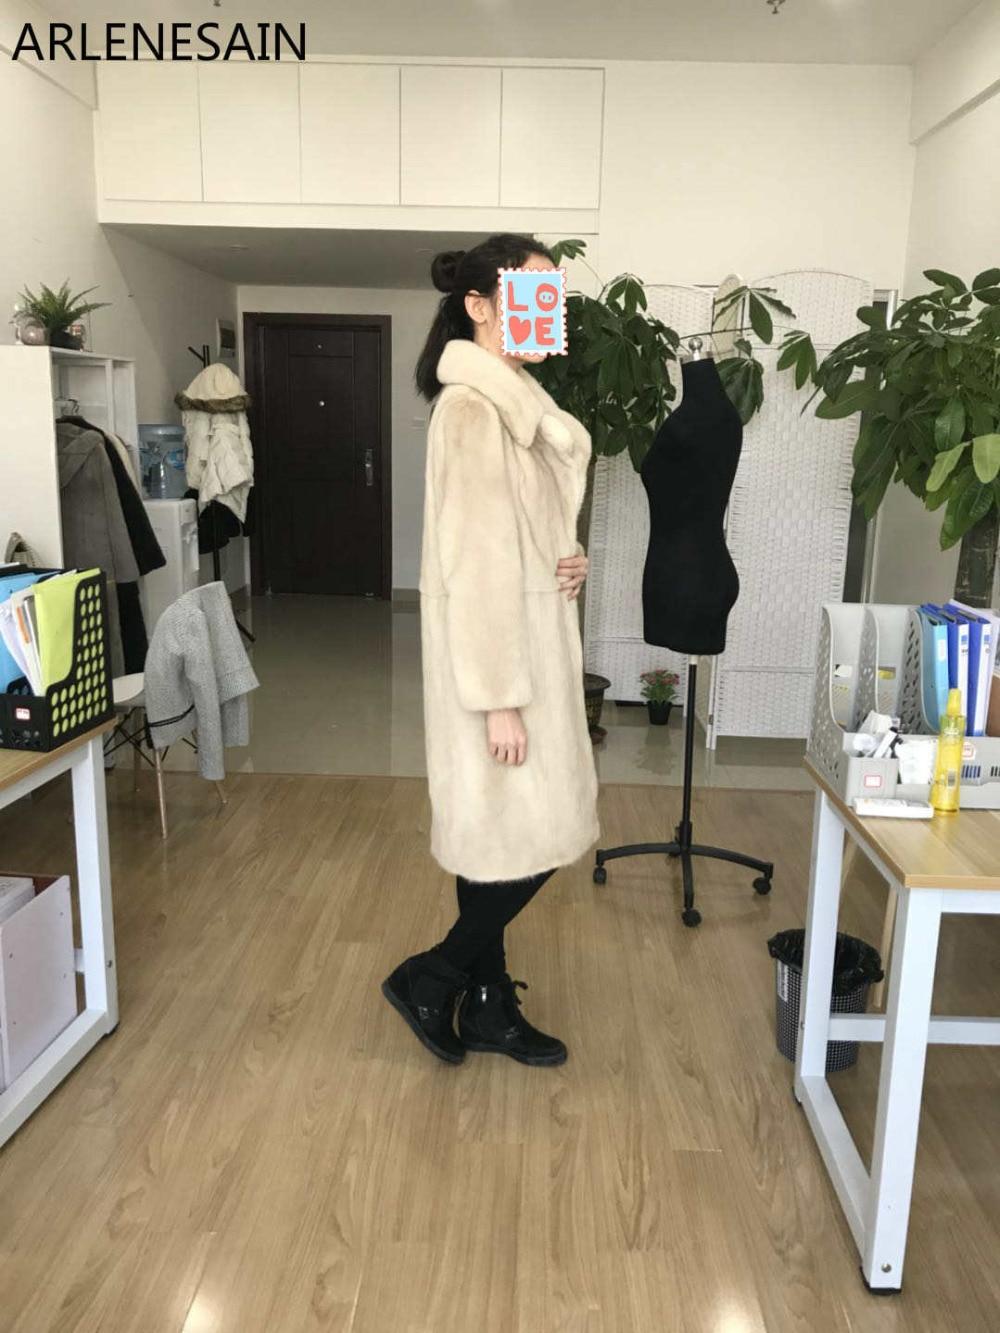 Vison Femmes Mode Beige 2018 De Arlenesain Manteau Personnalisé Couleur Fourrure Nouvelle wq6ZWagH